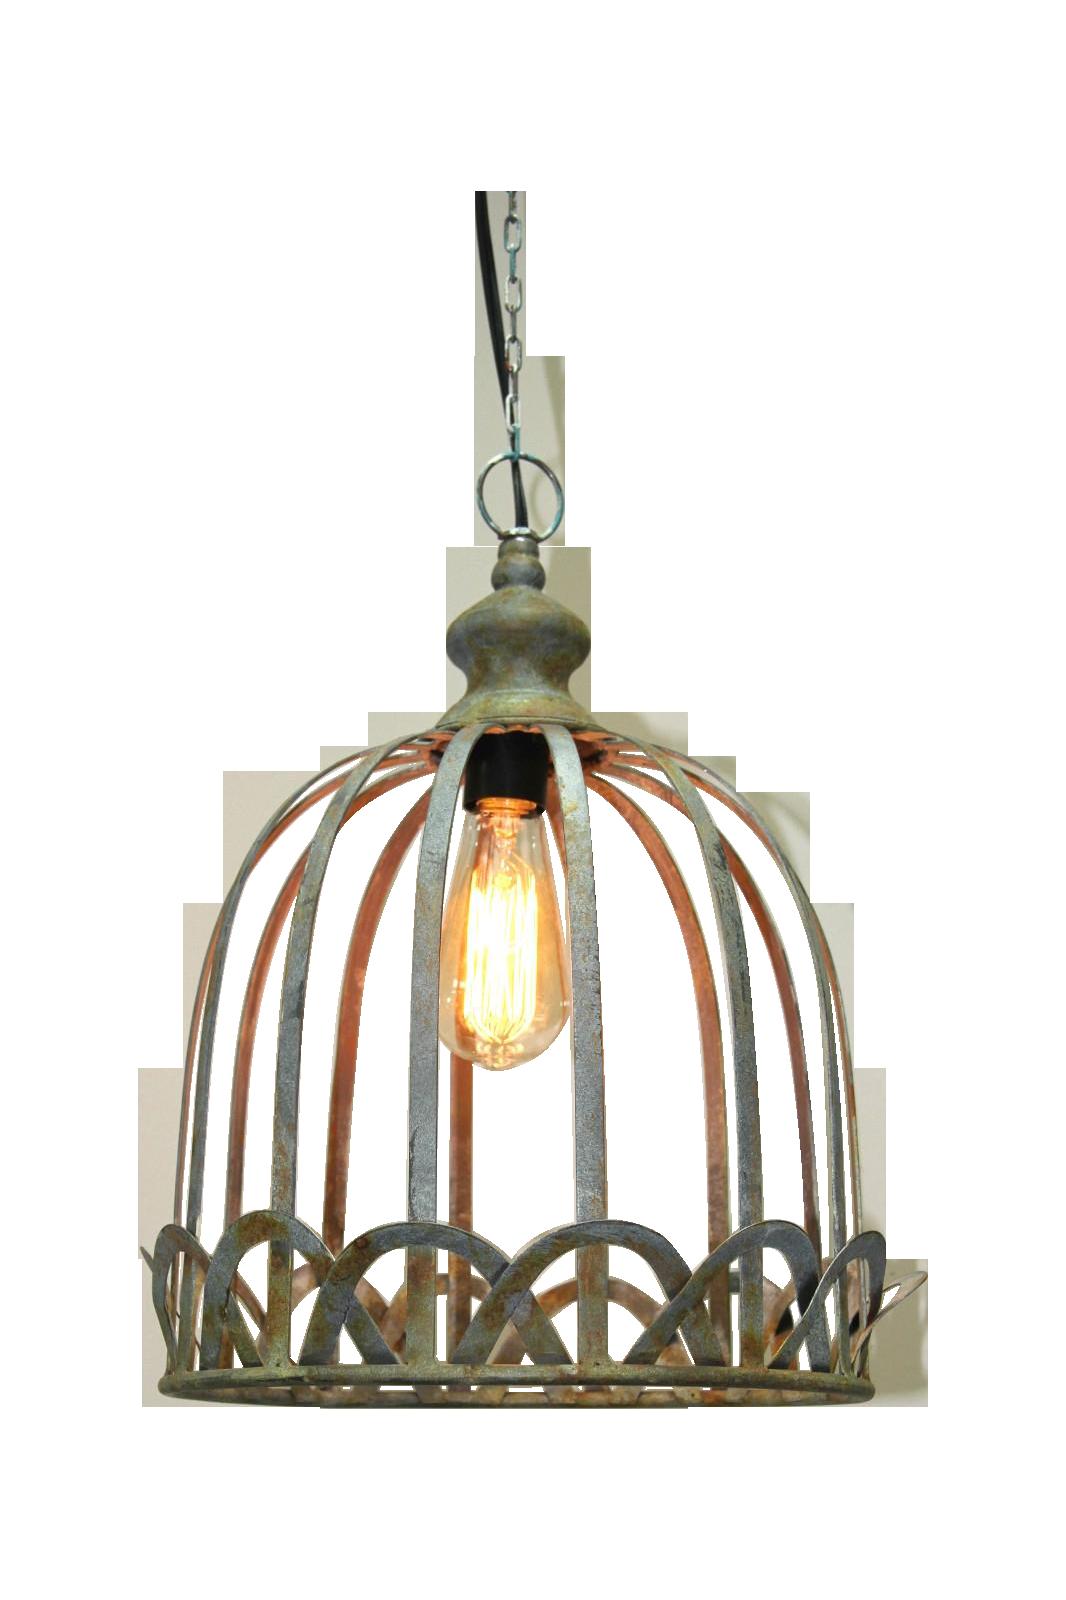 modern vintage antique restoration hardware lighting autos post. Black Bedroom Furniture Sets. Home Design Ideas